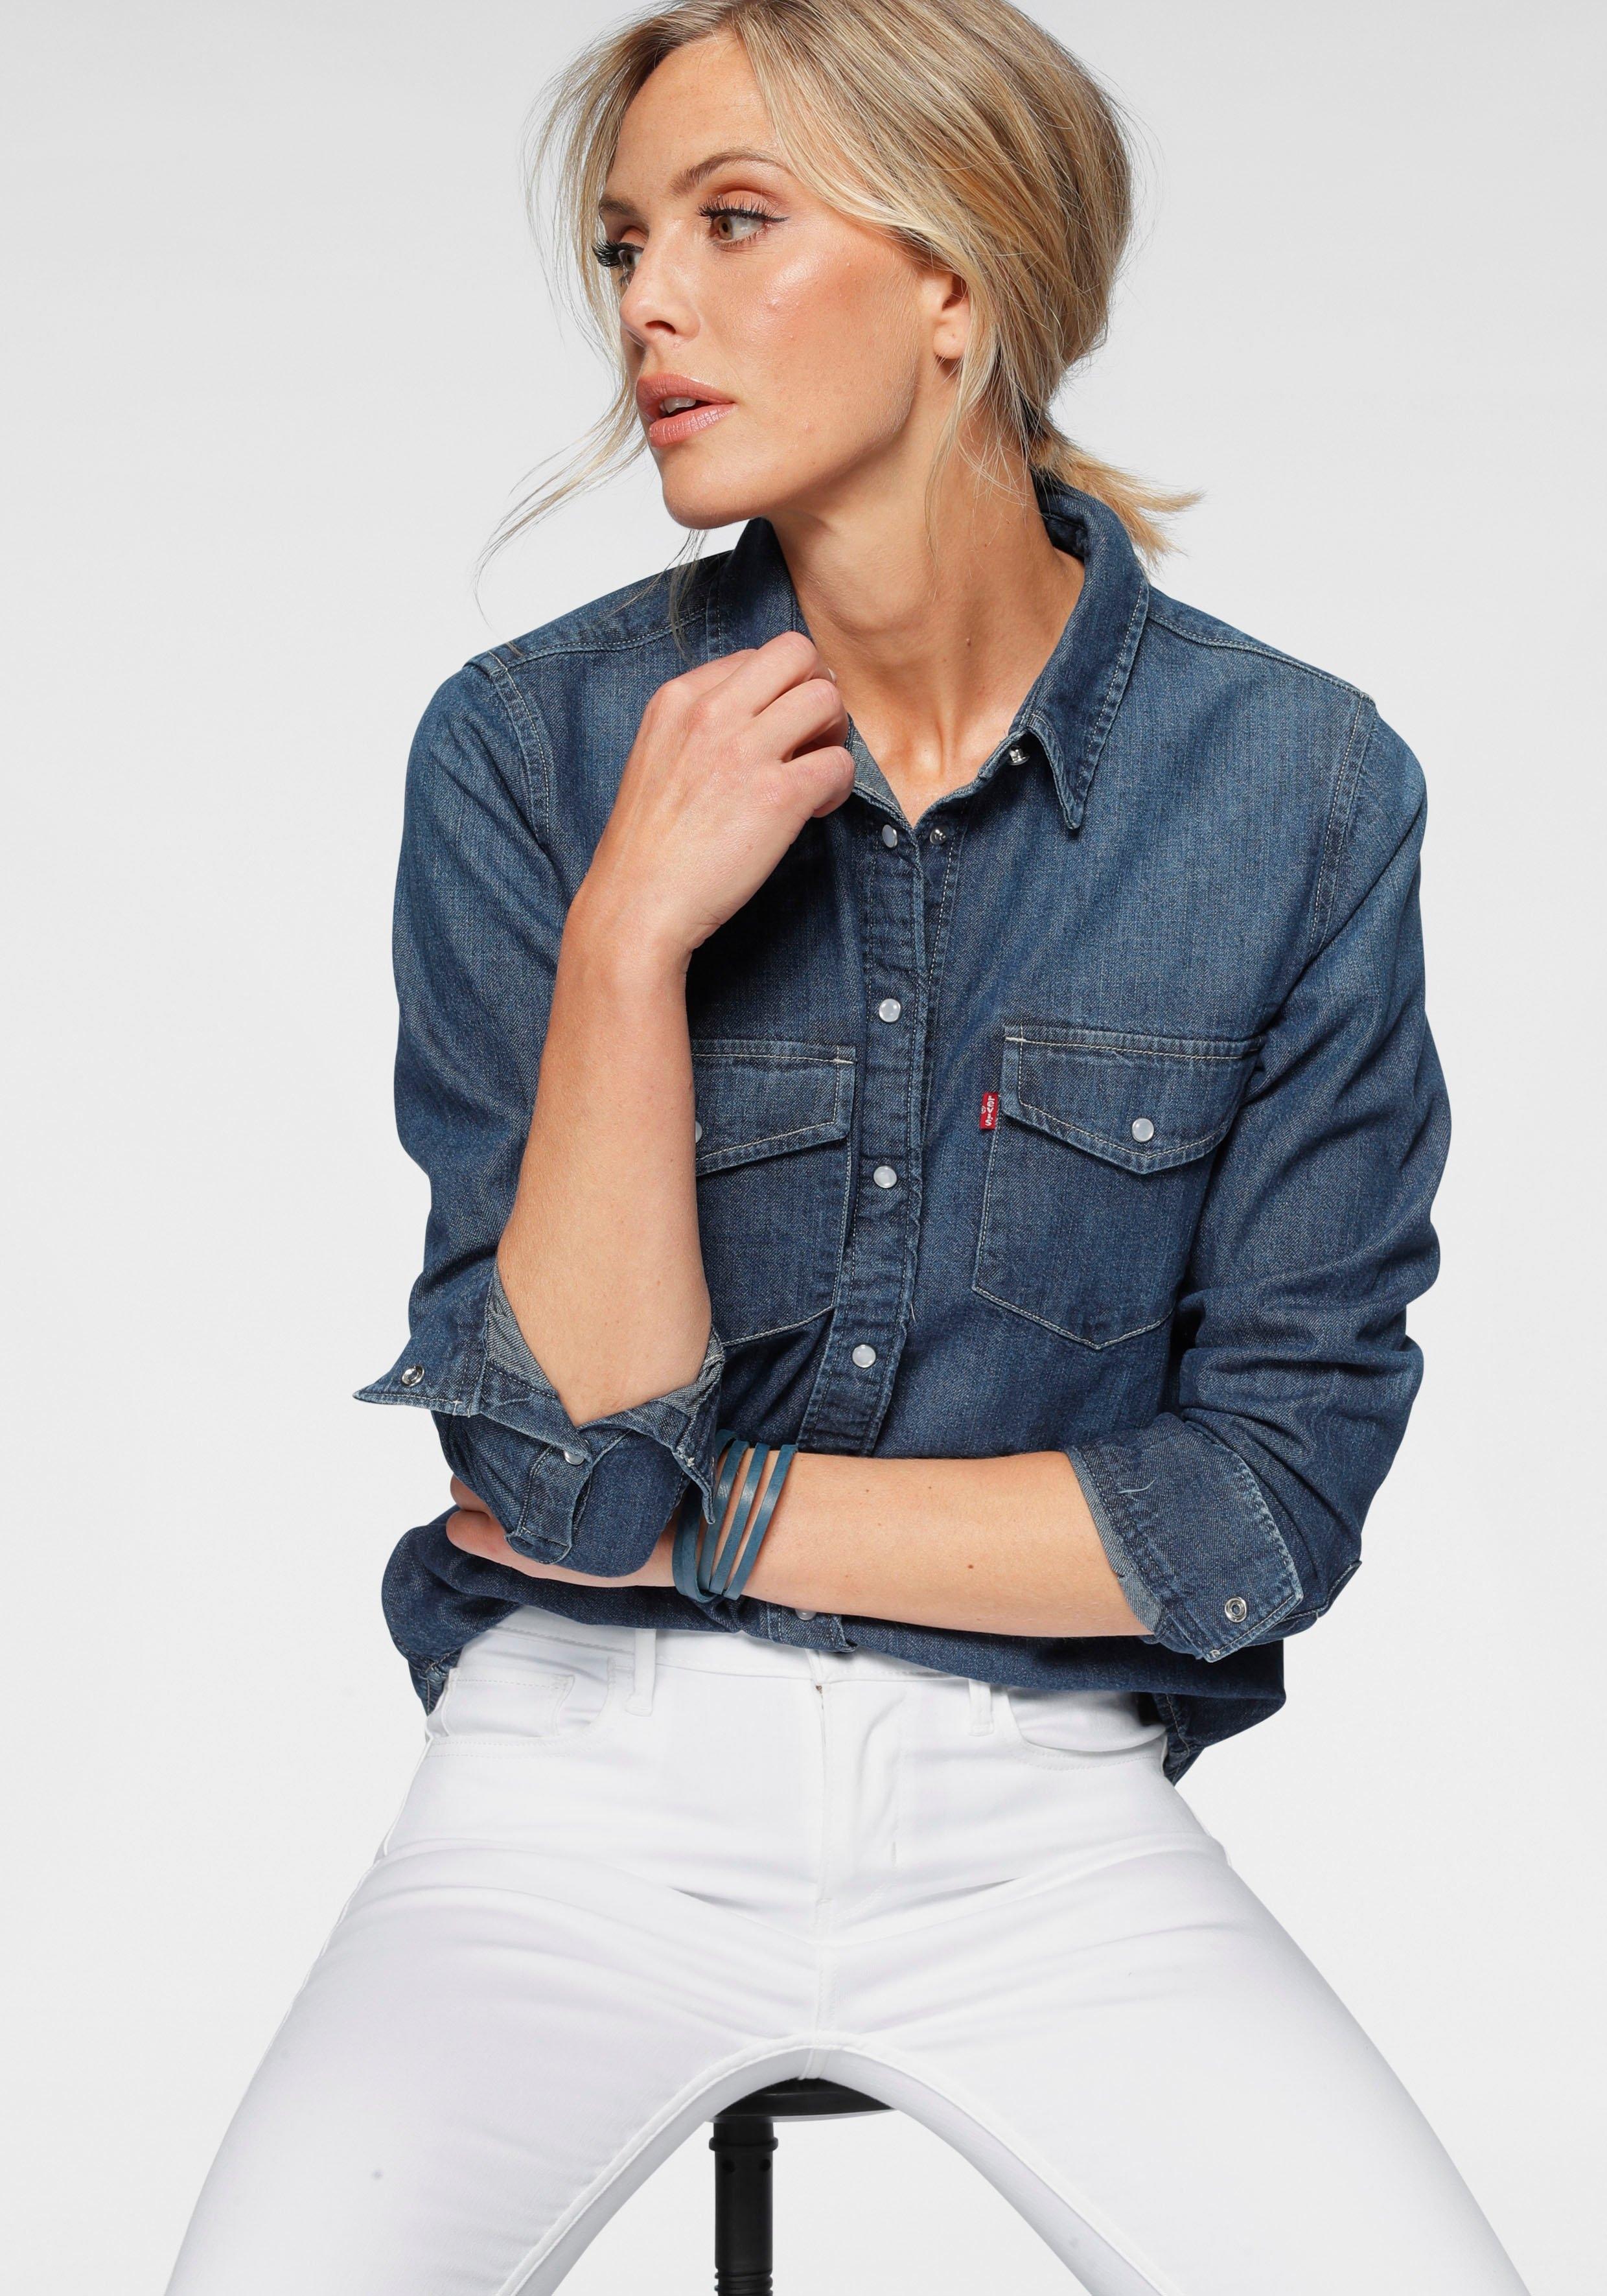 Levi's jeansblouse ESSENTIAL WESTERN met borstzakken met drukknopen voordelig en veilig online kopen